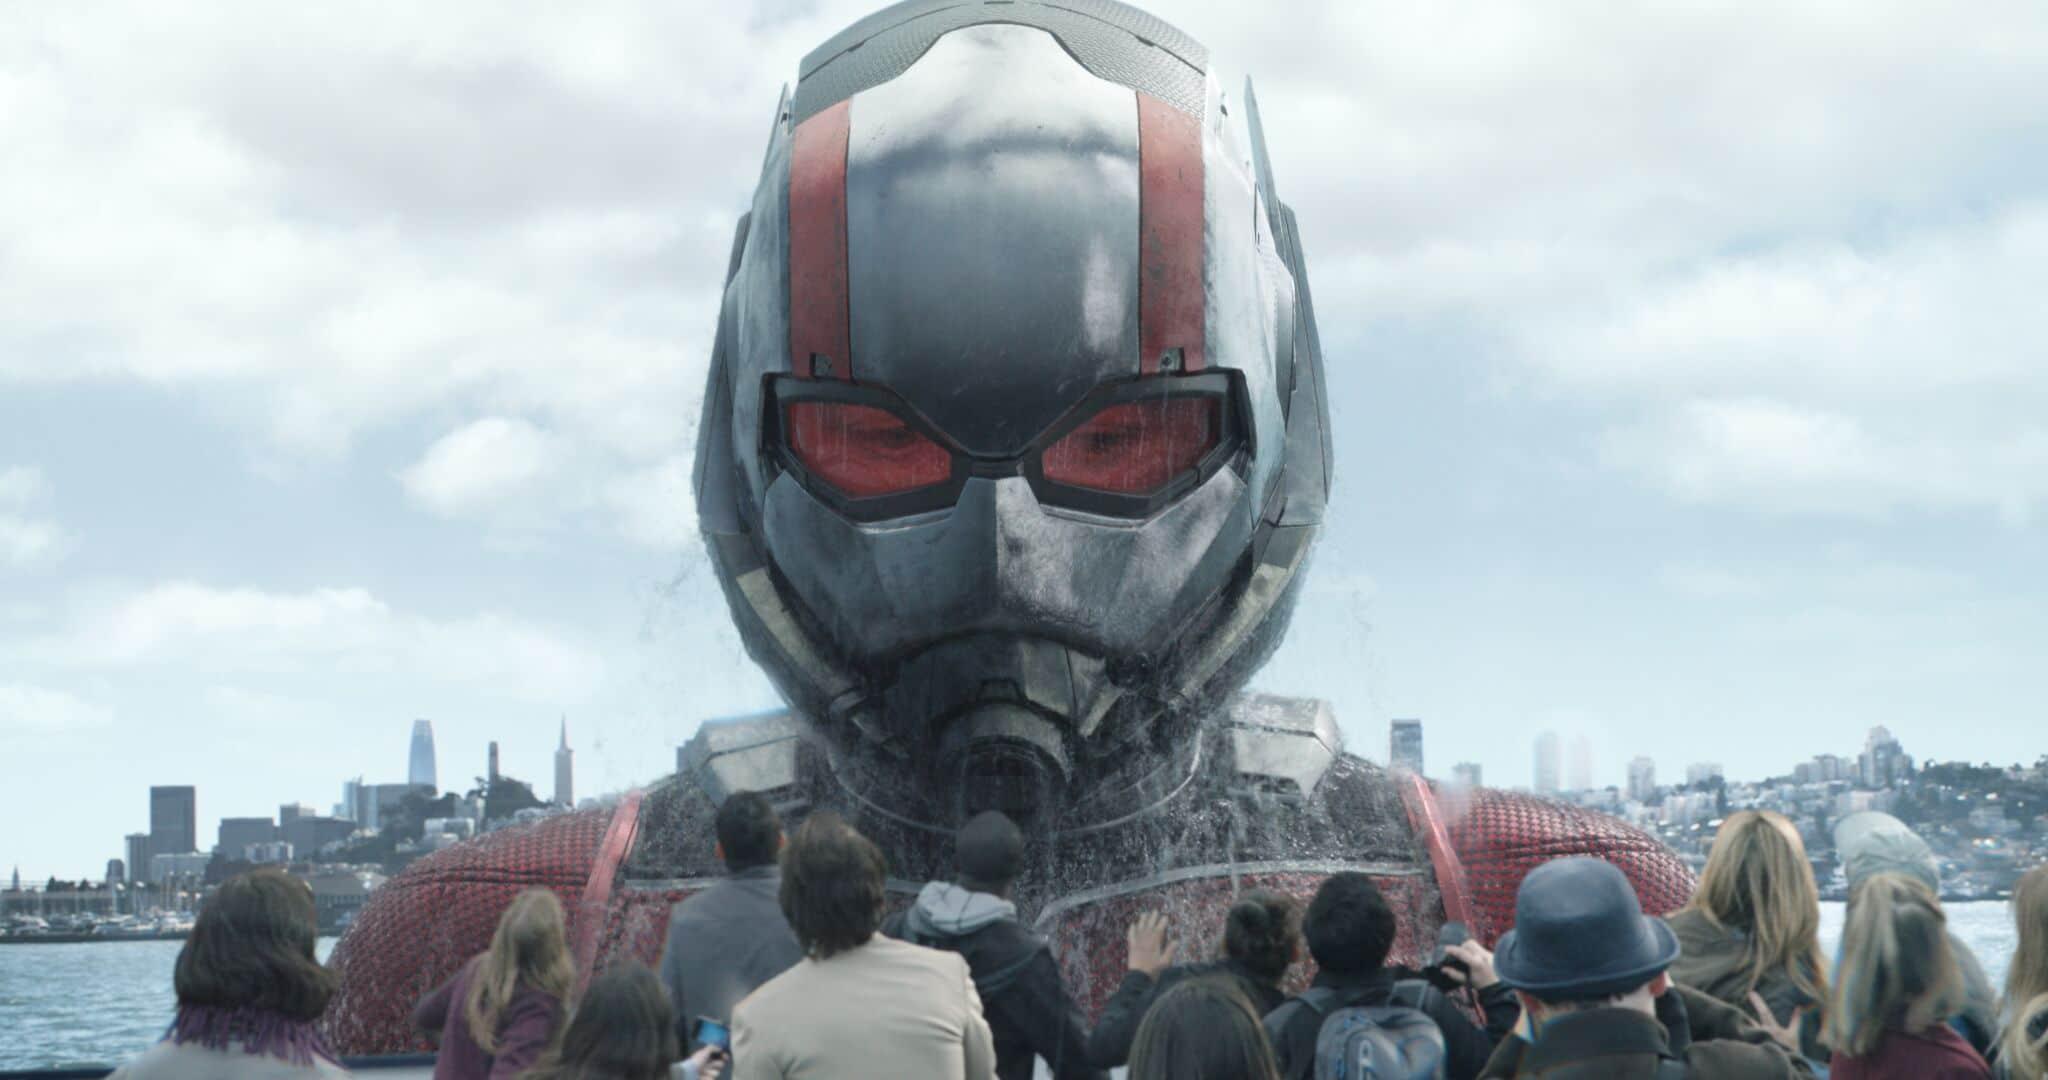 Ant-Man steigt vor einer Menschenmenge in seiner großen Fassung aus dem Wasser. Die erste News in unserem Filmtoast Newsbrunch